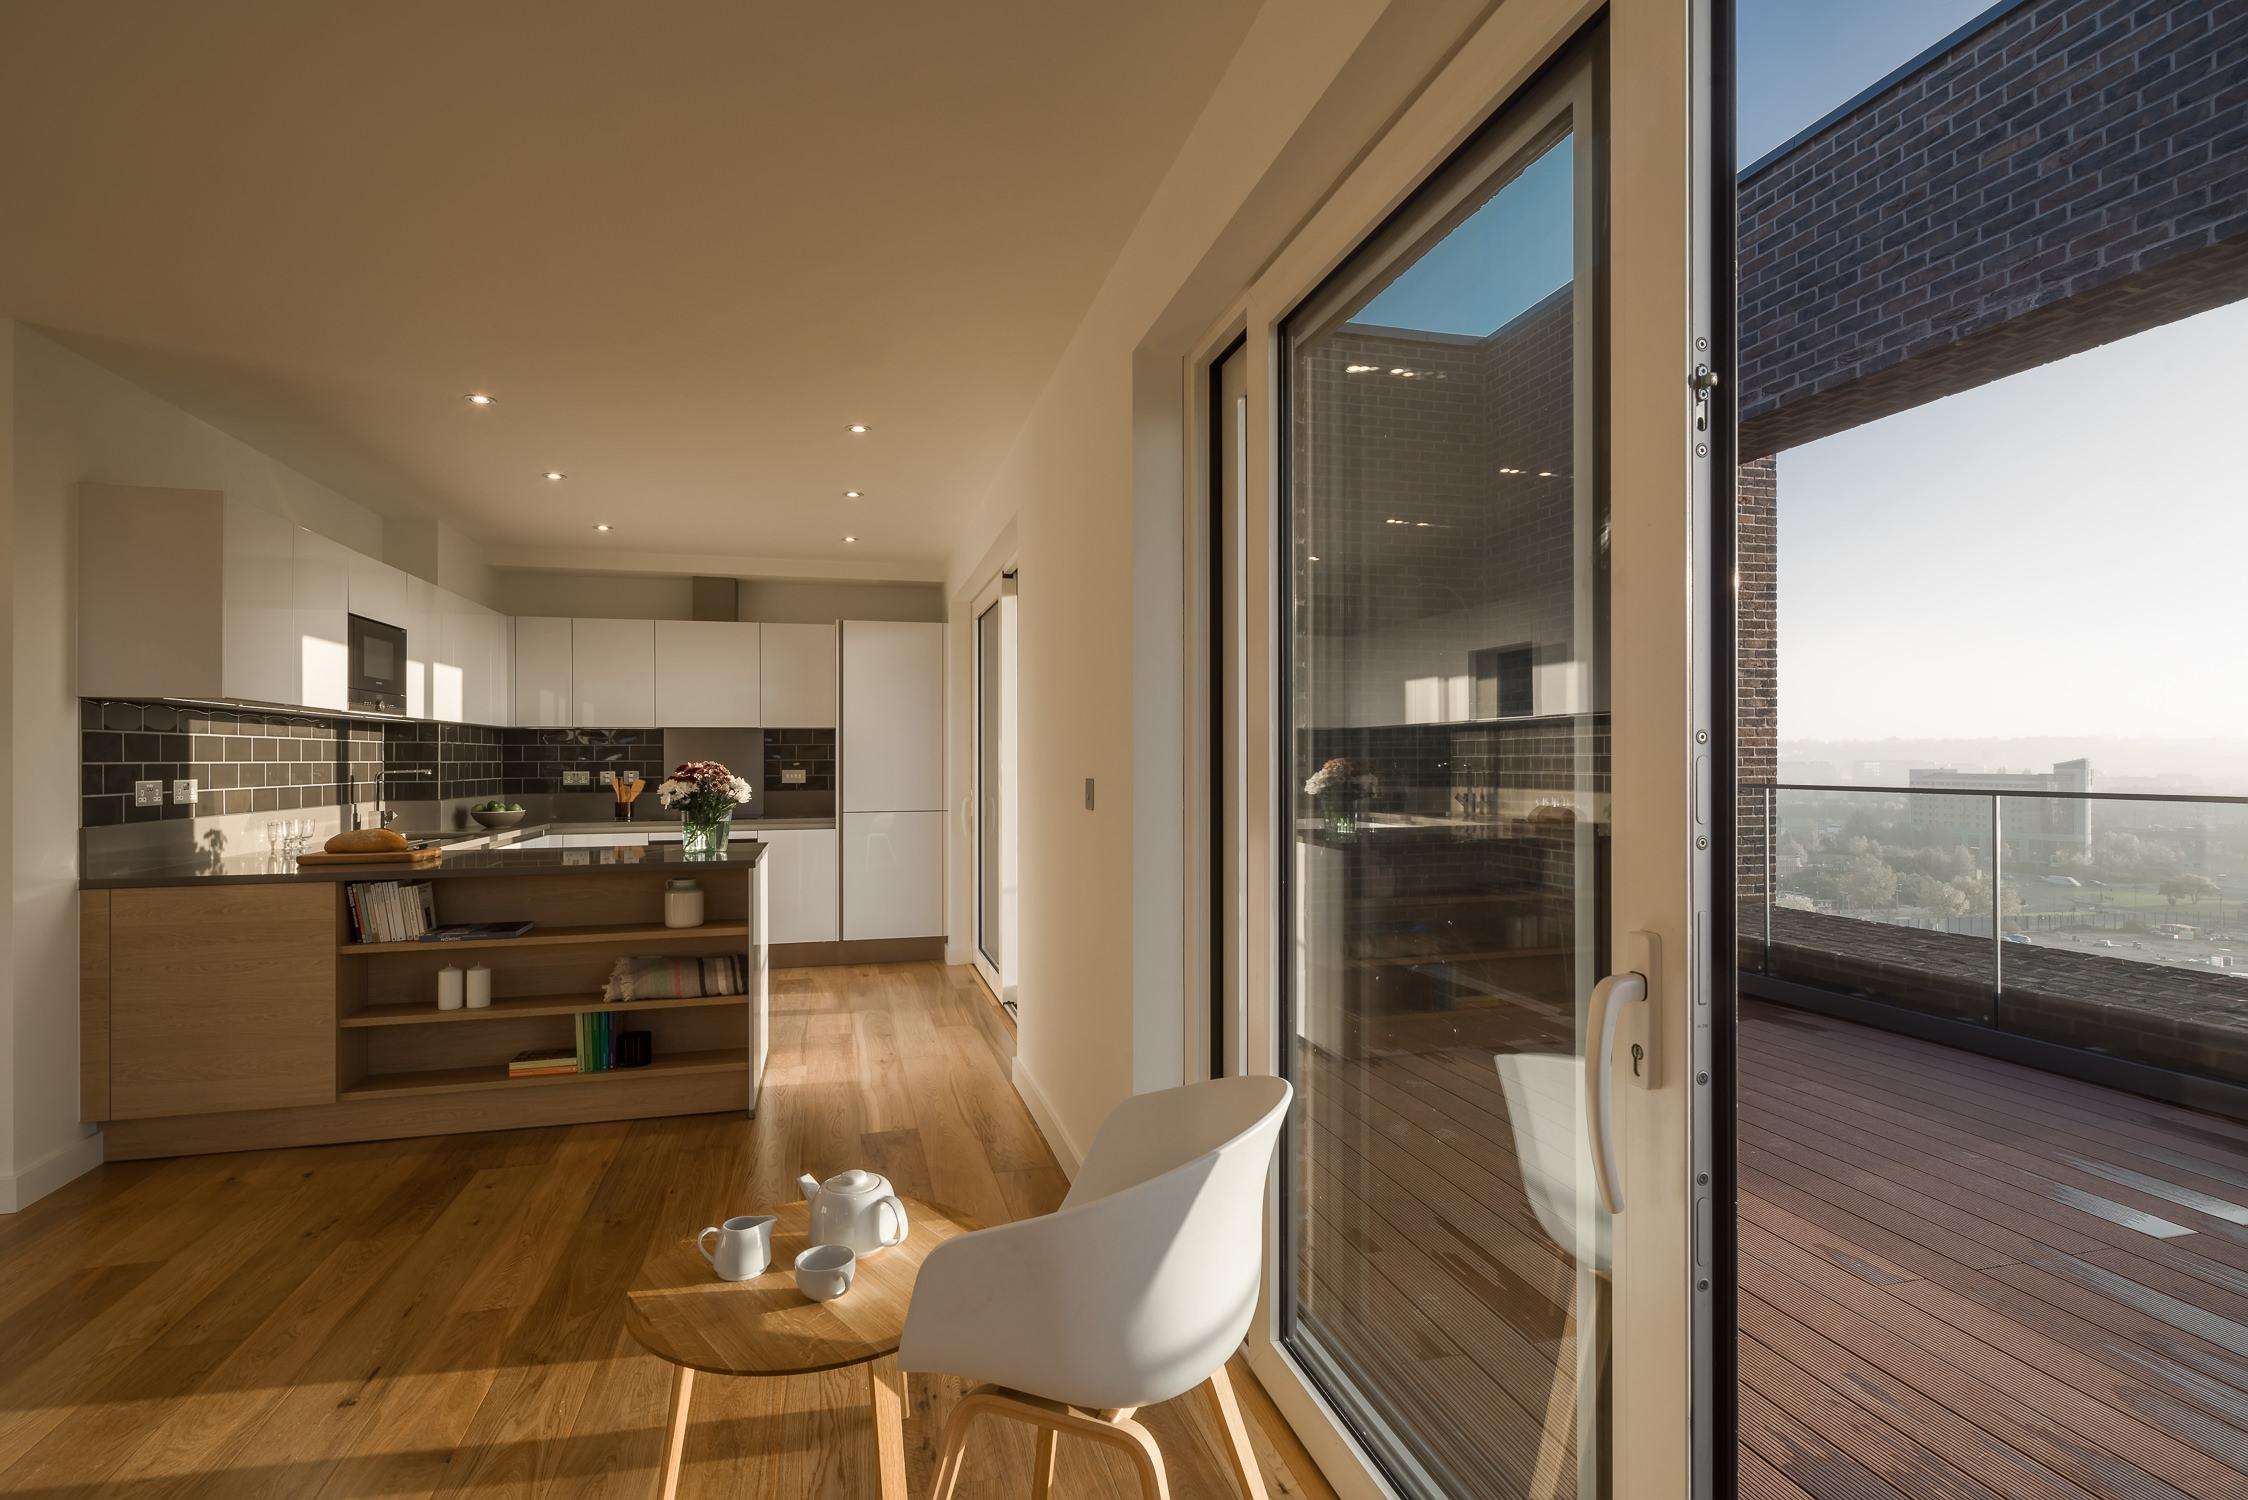 mark-hadden-architecture-photographer-architectuur-interieur-fotografie-london-amsterdam-cf-moller-greenwich-280.jpg